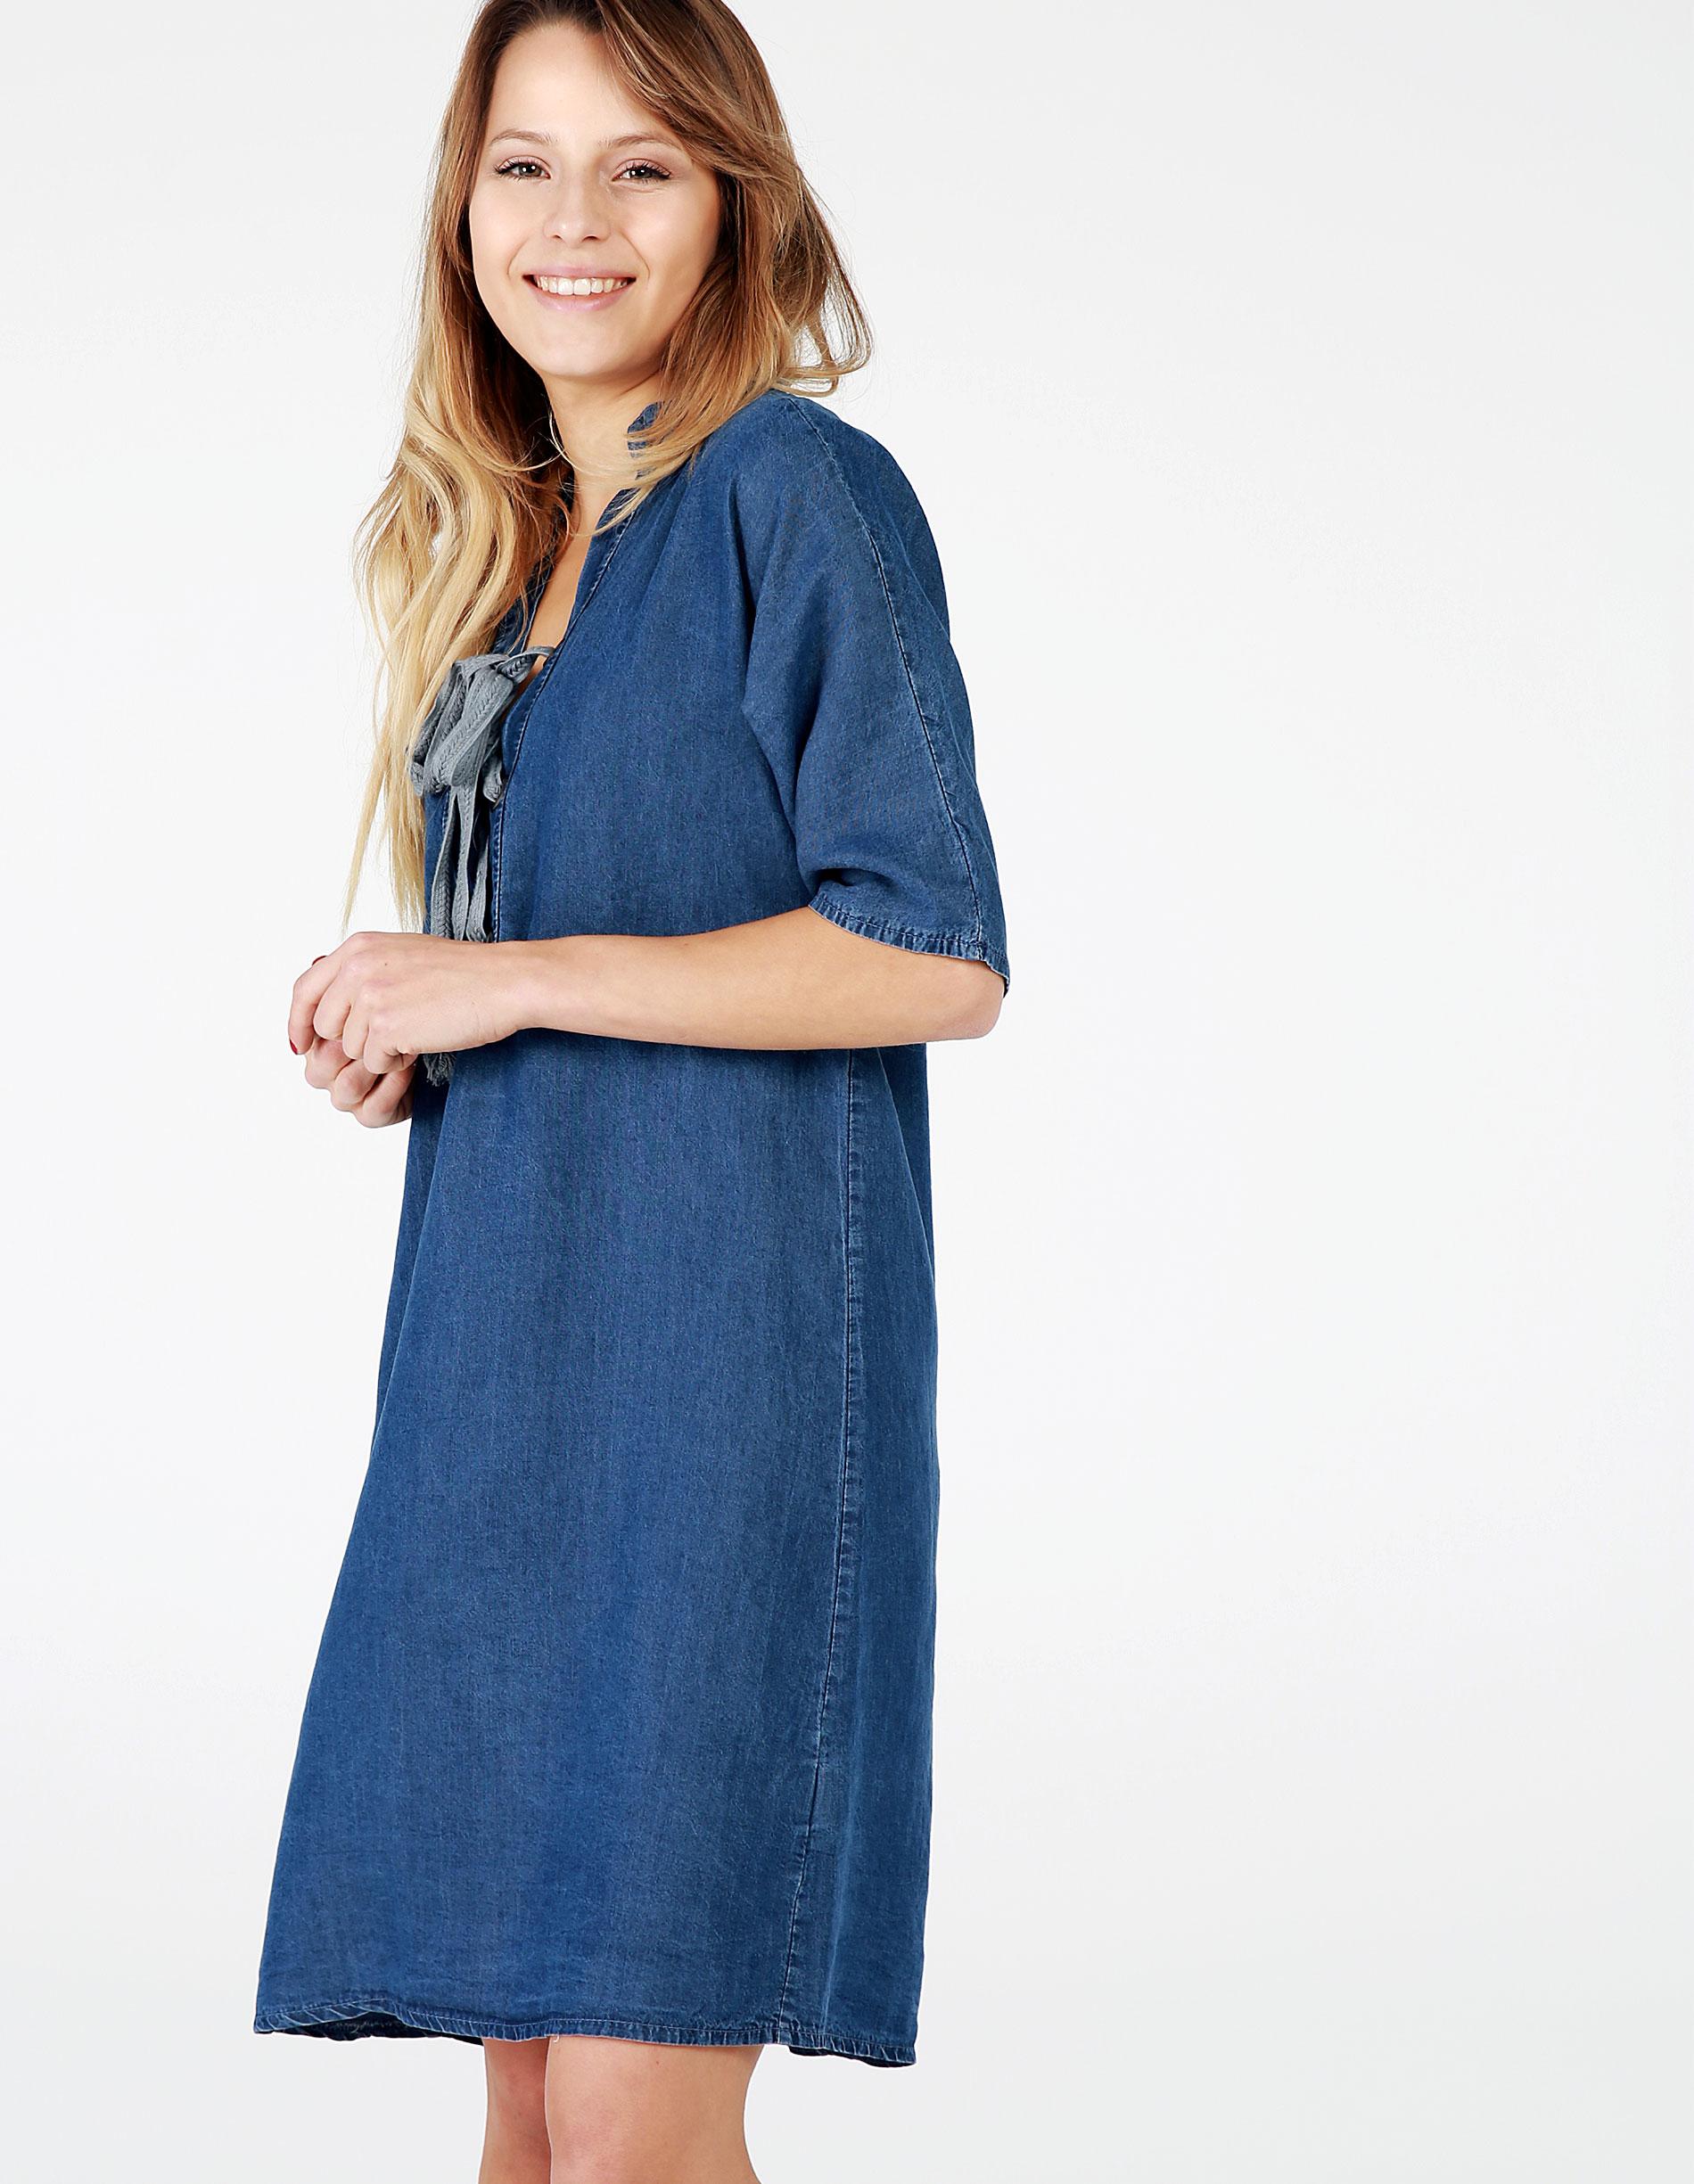 Sukienka - 12-60470 JEAN - Unisono